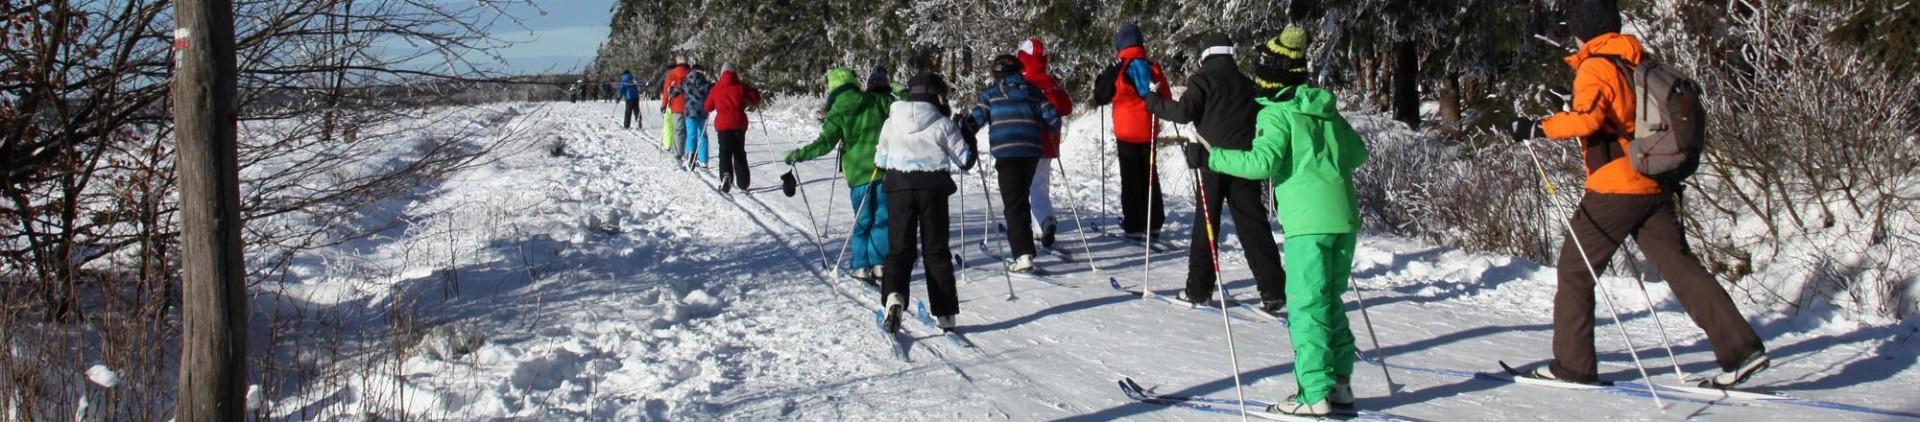 Wintersport in de provincie Luik